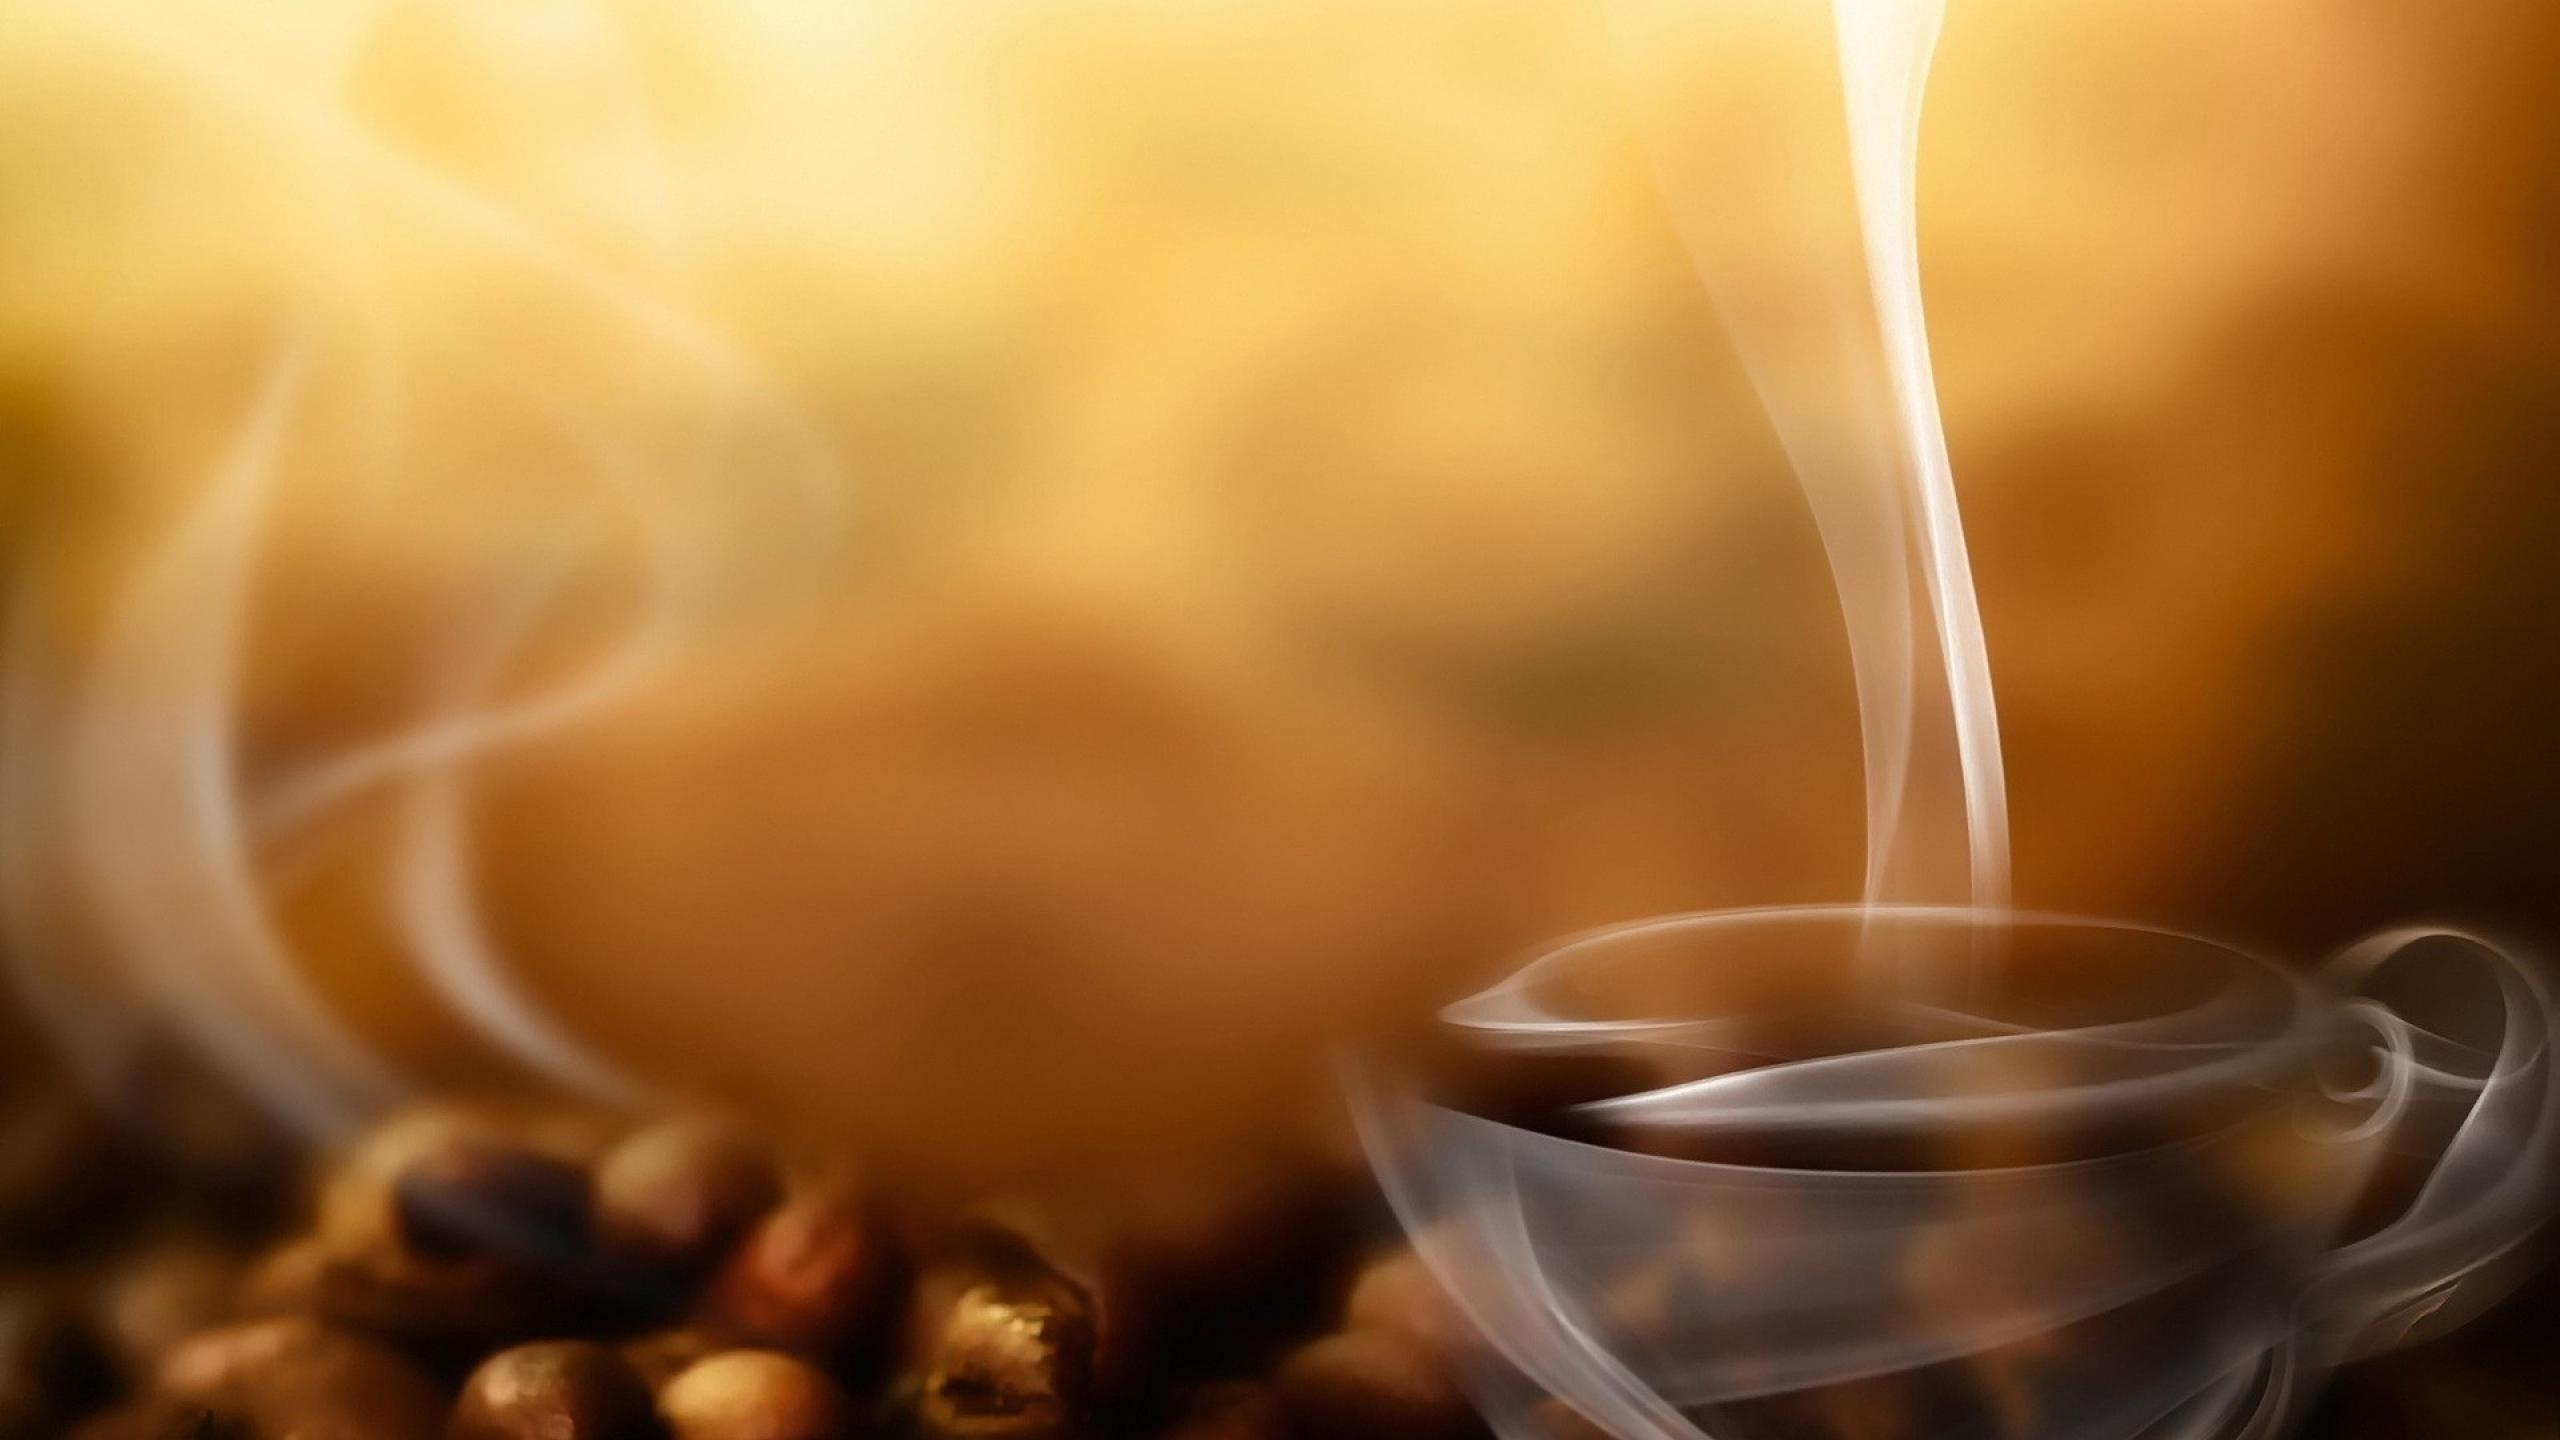 سایتی برای طرفداران قهوه و کافی شاپ